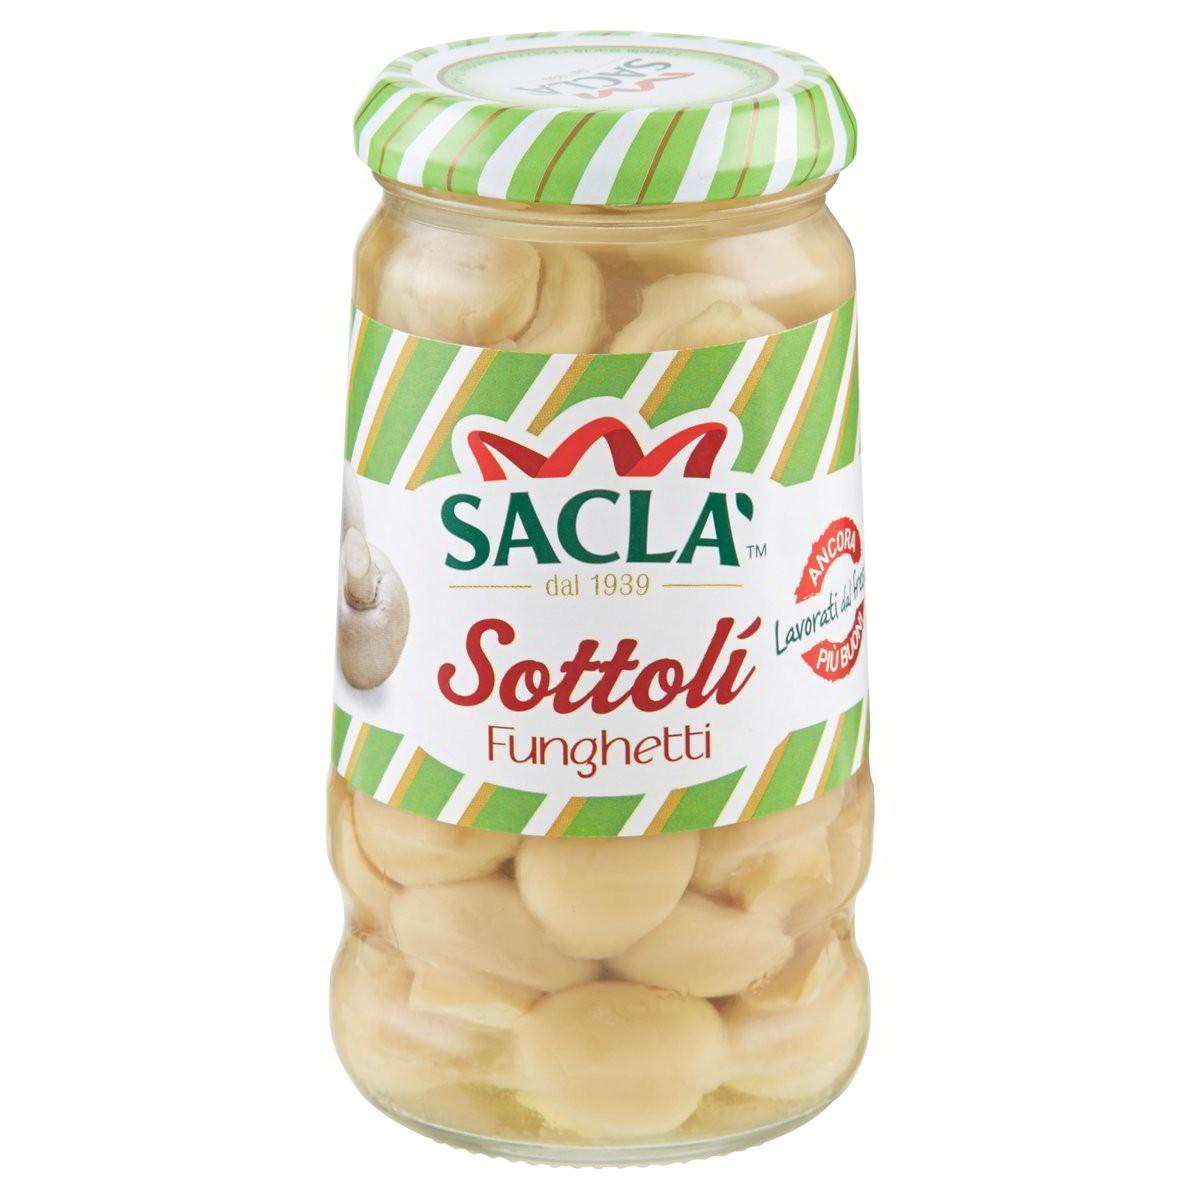 Saclà Funghetti Sottolì